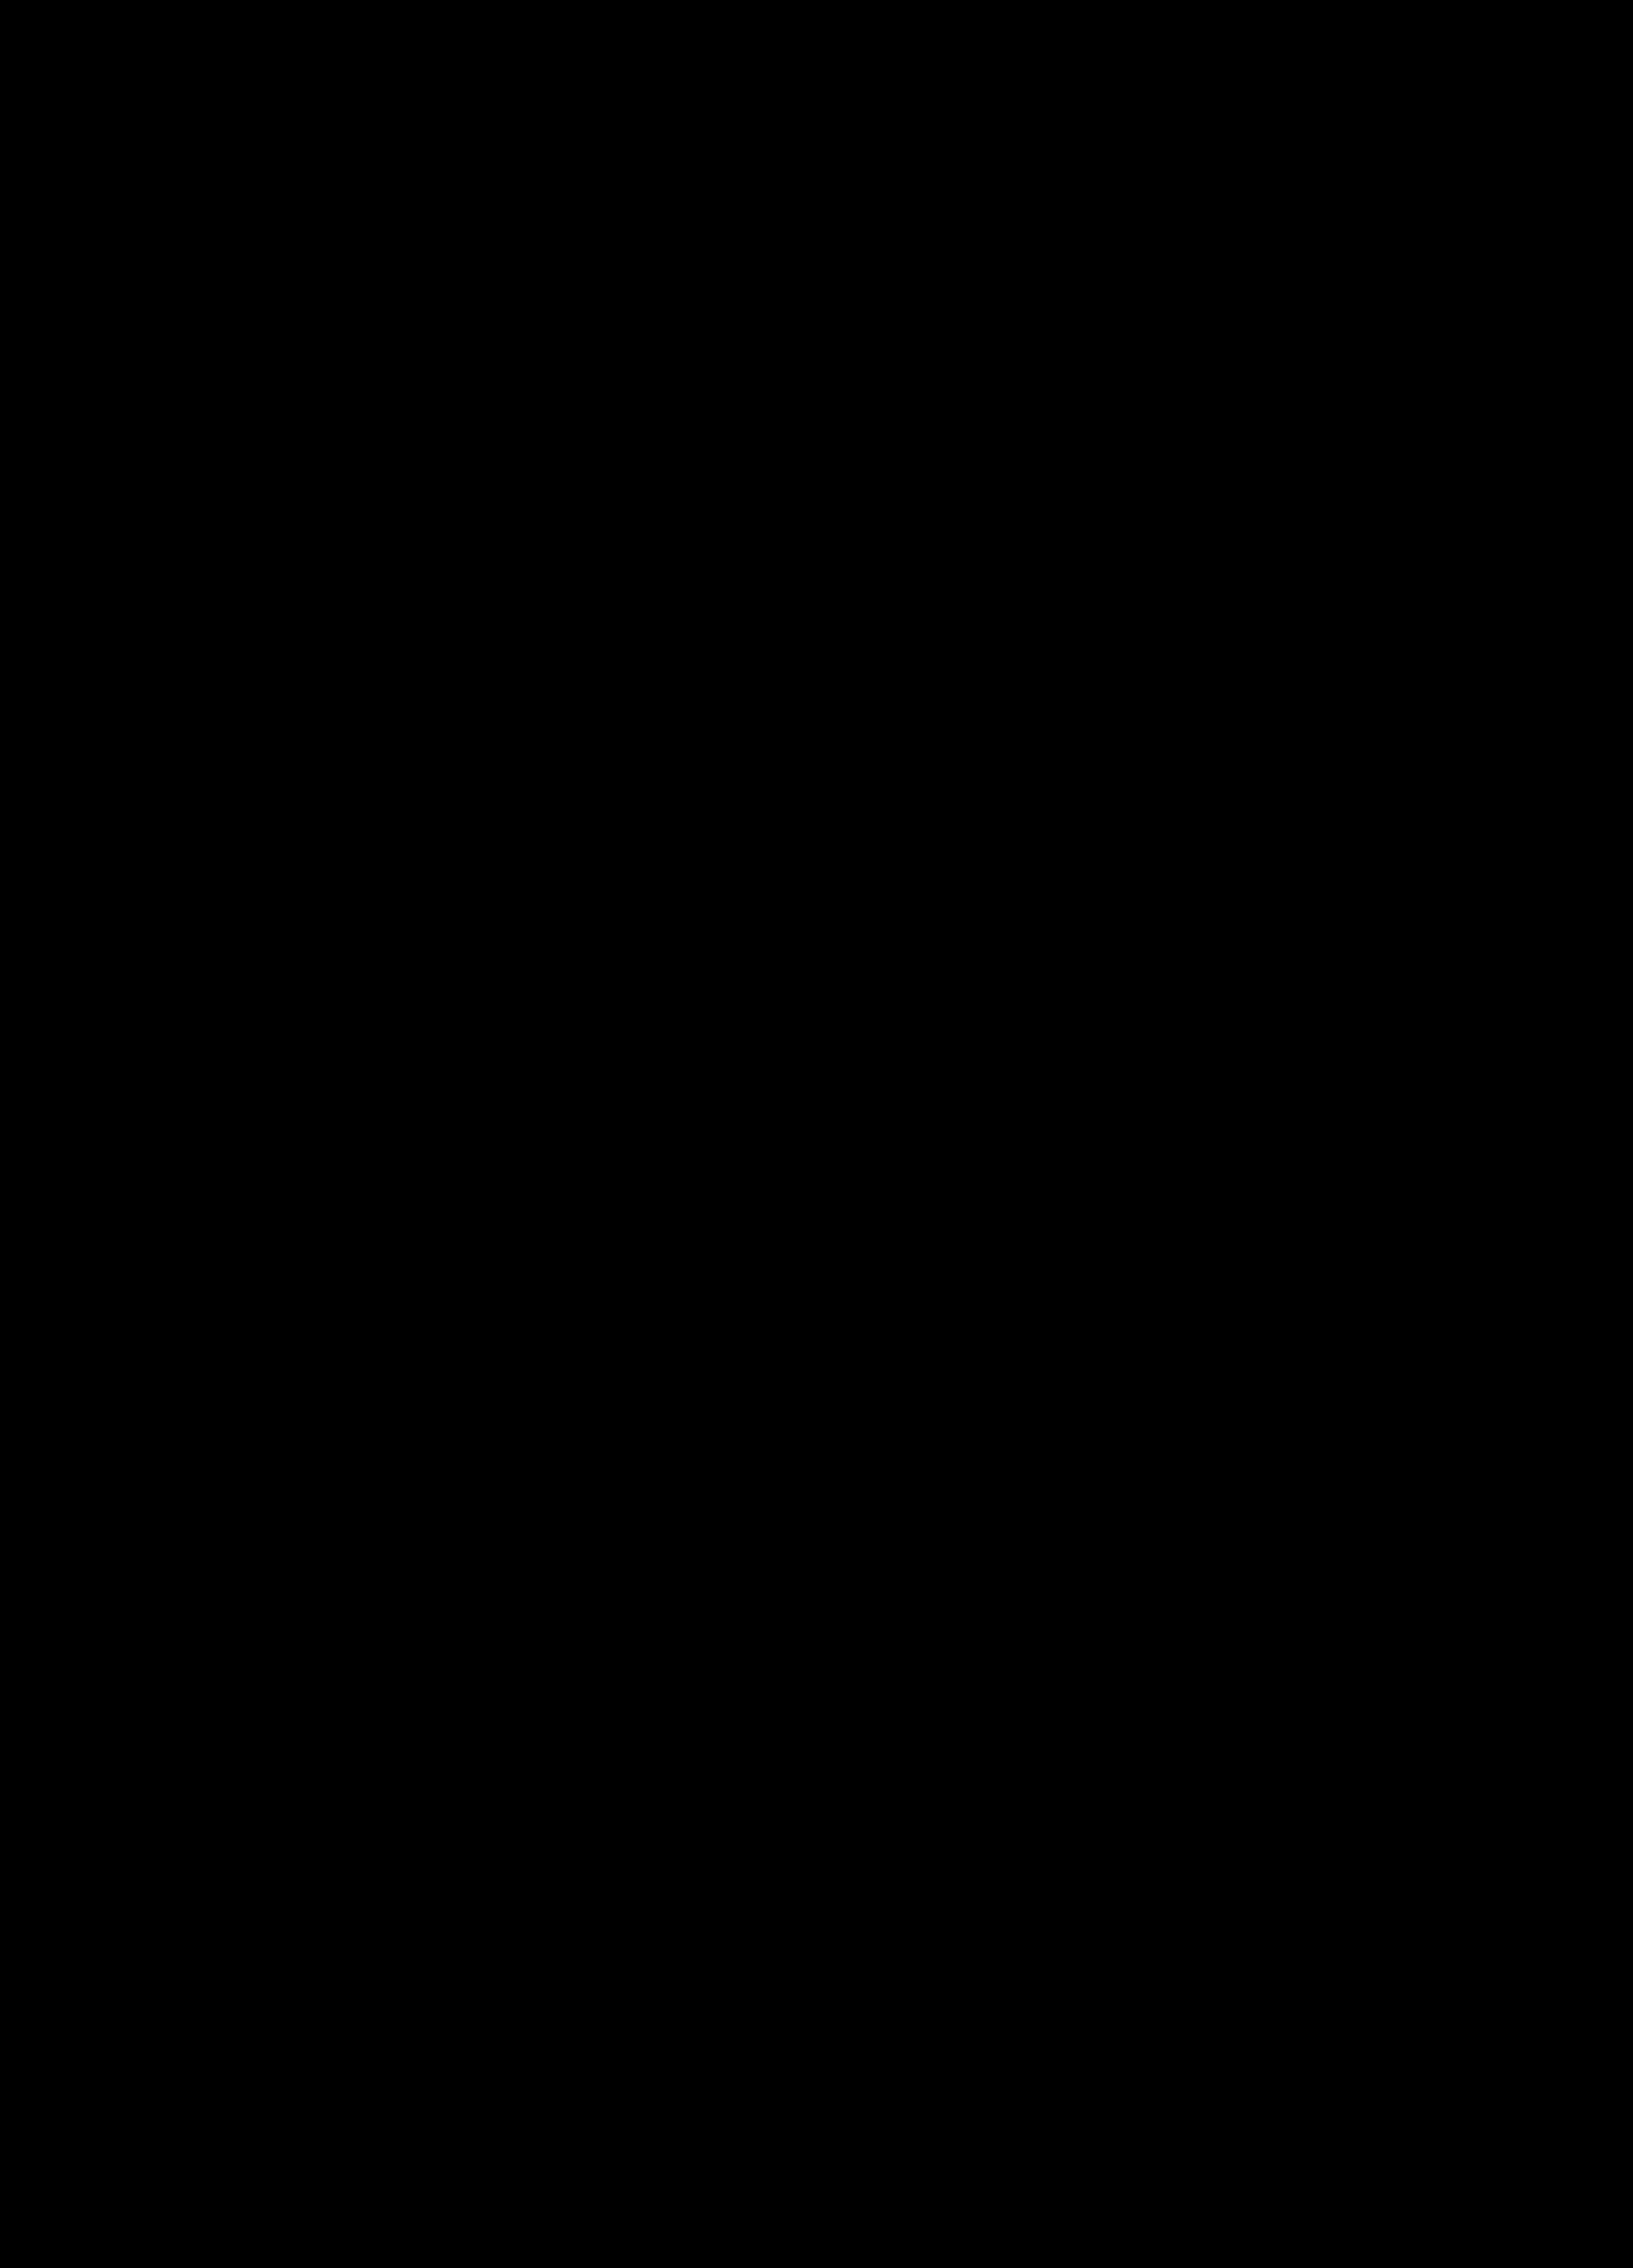 Immagine celebrative dei 20 anni Azienda G-iron E.L.F. Magnetic Shield